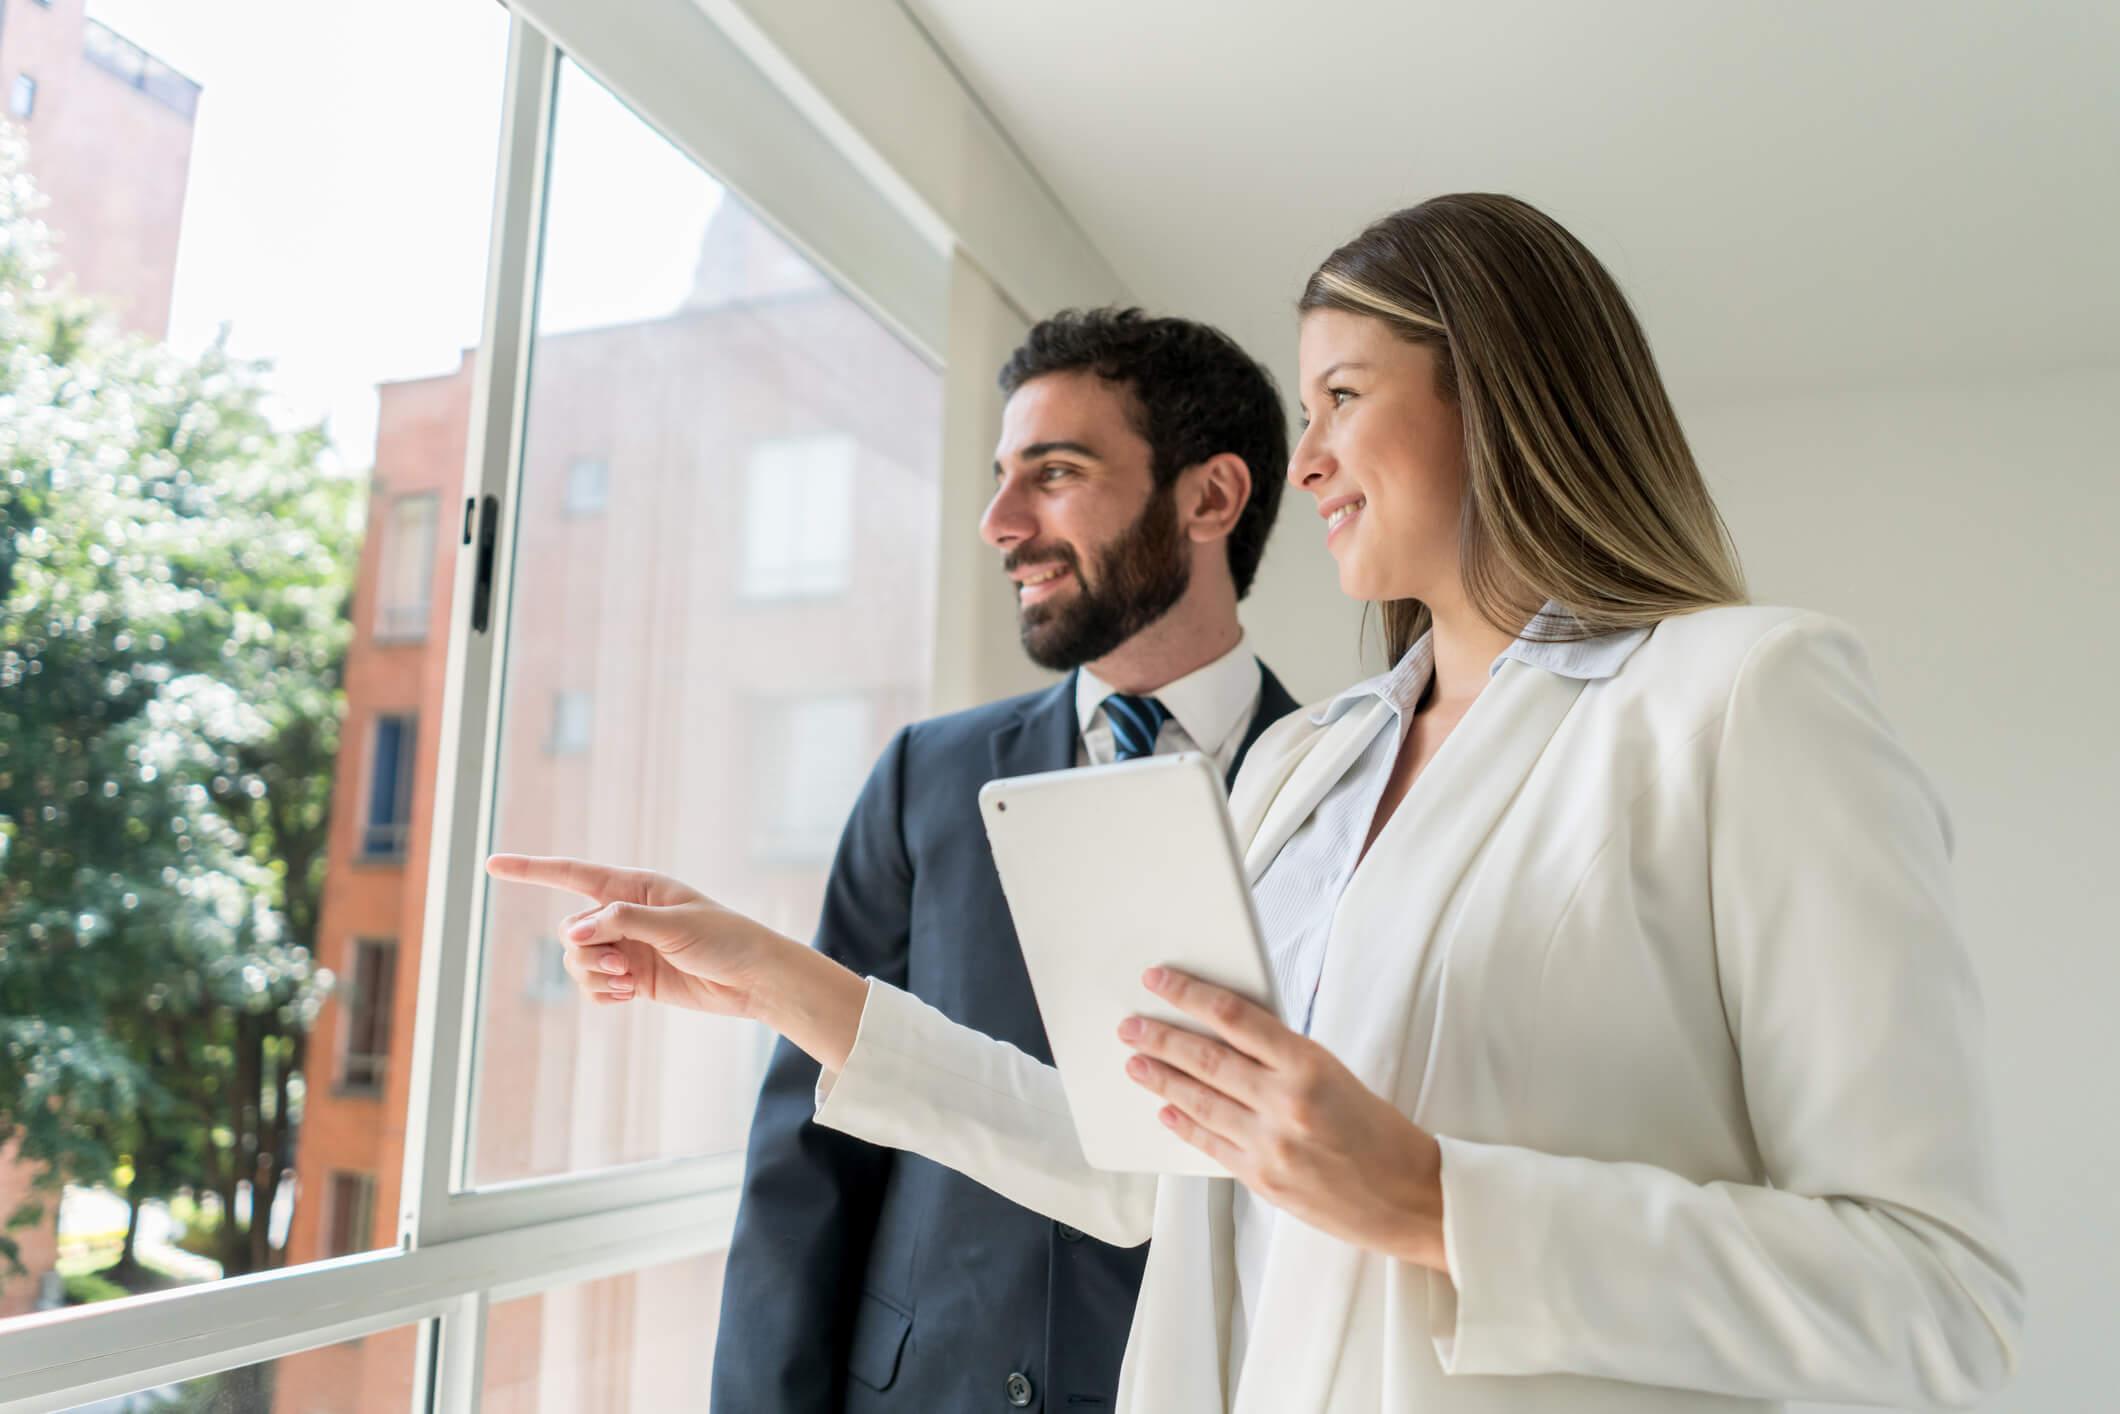 Comprar apartamento ou investir: qual vale mais a pena?